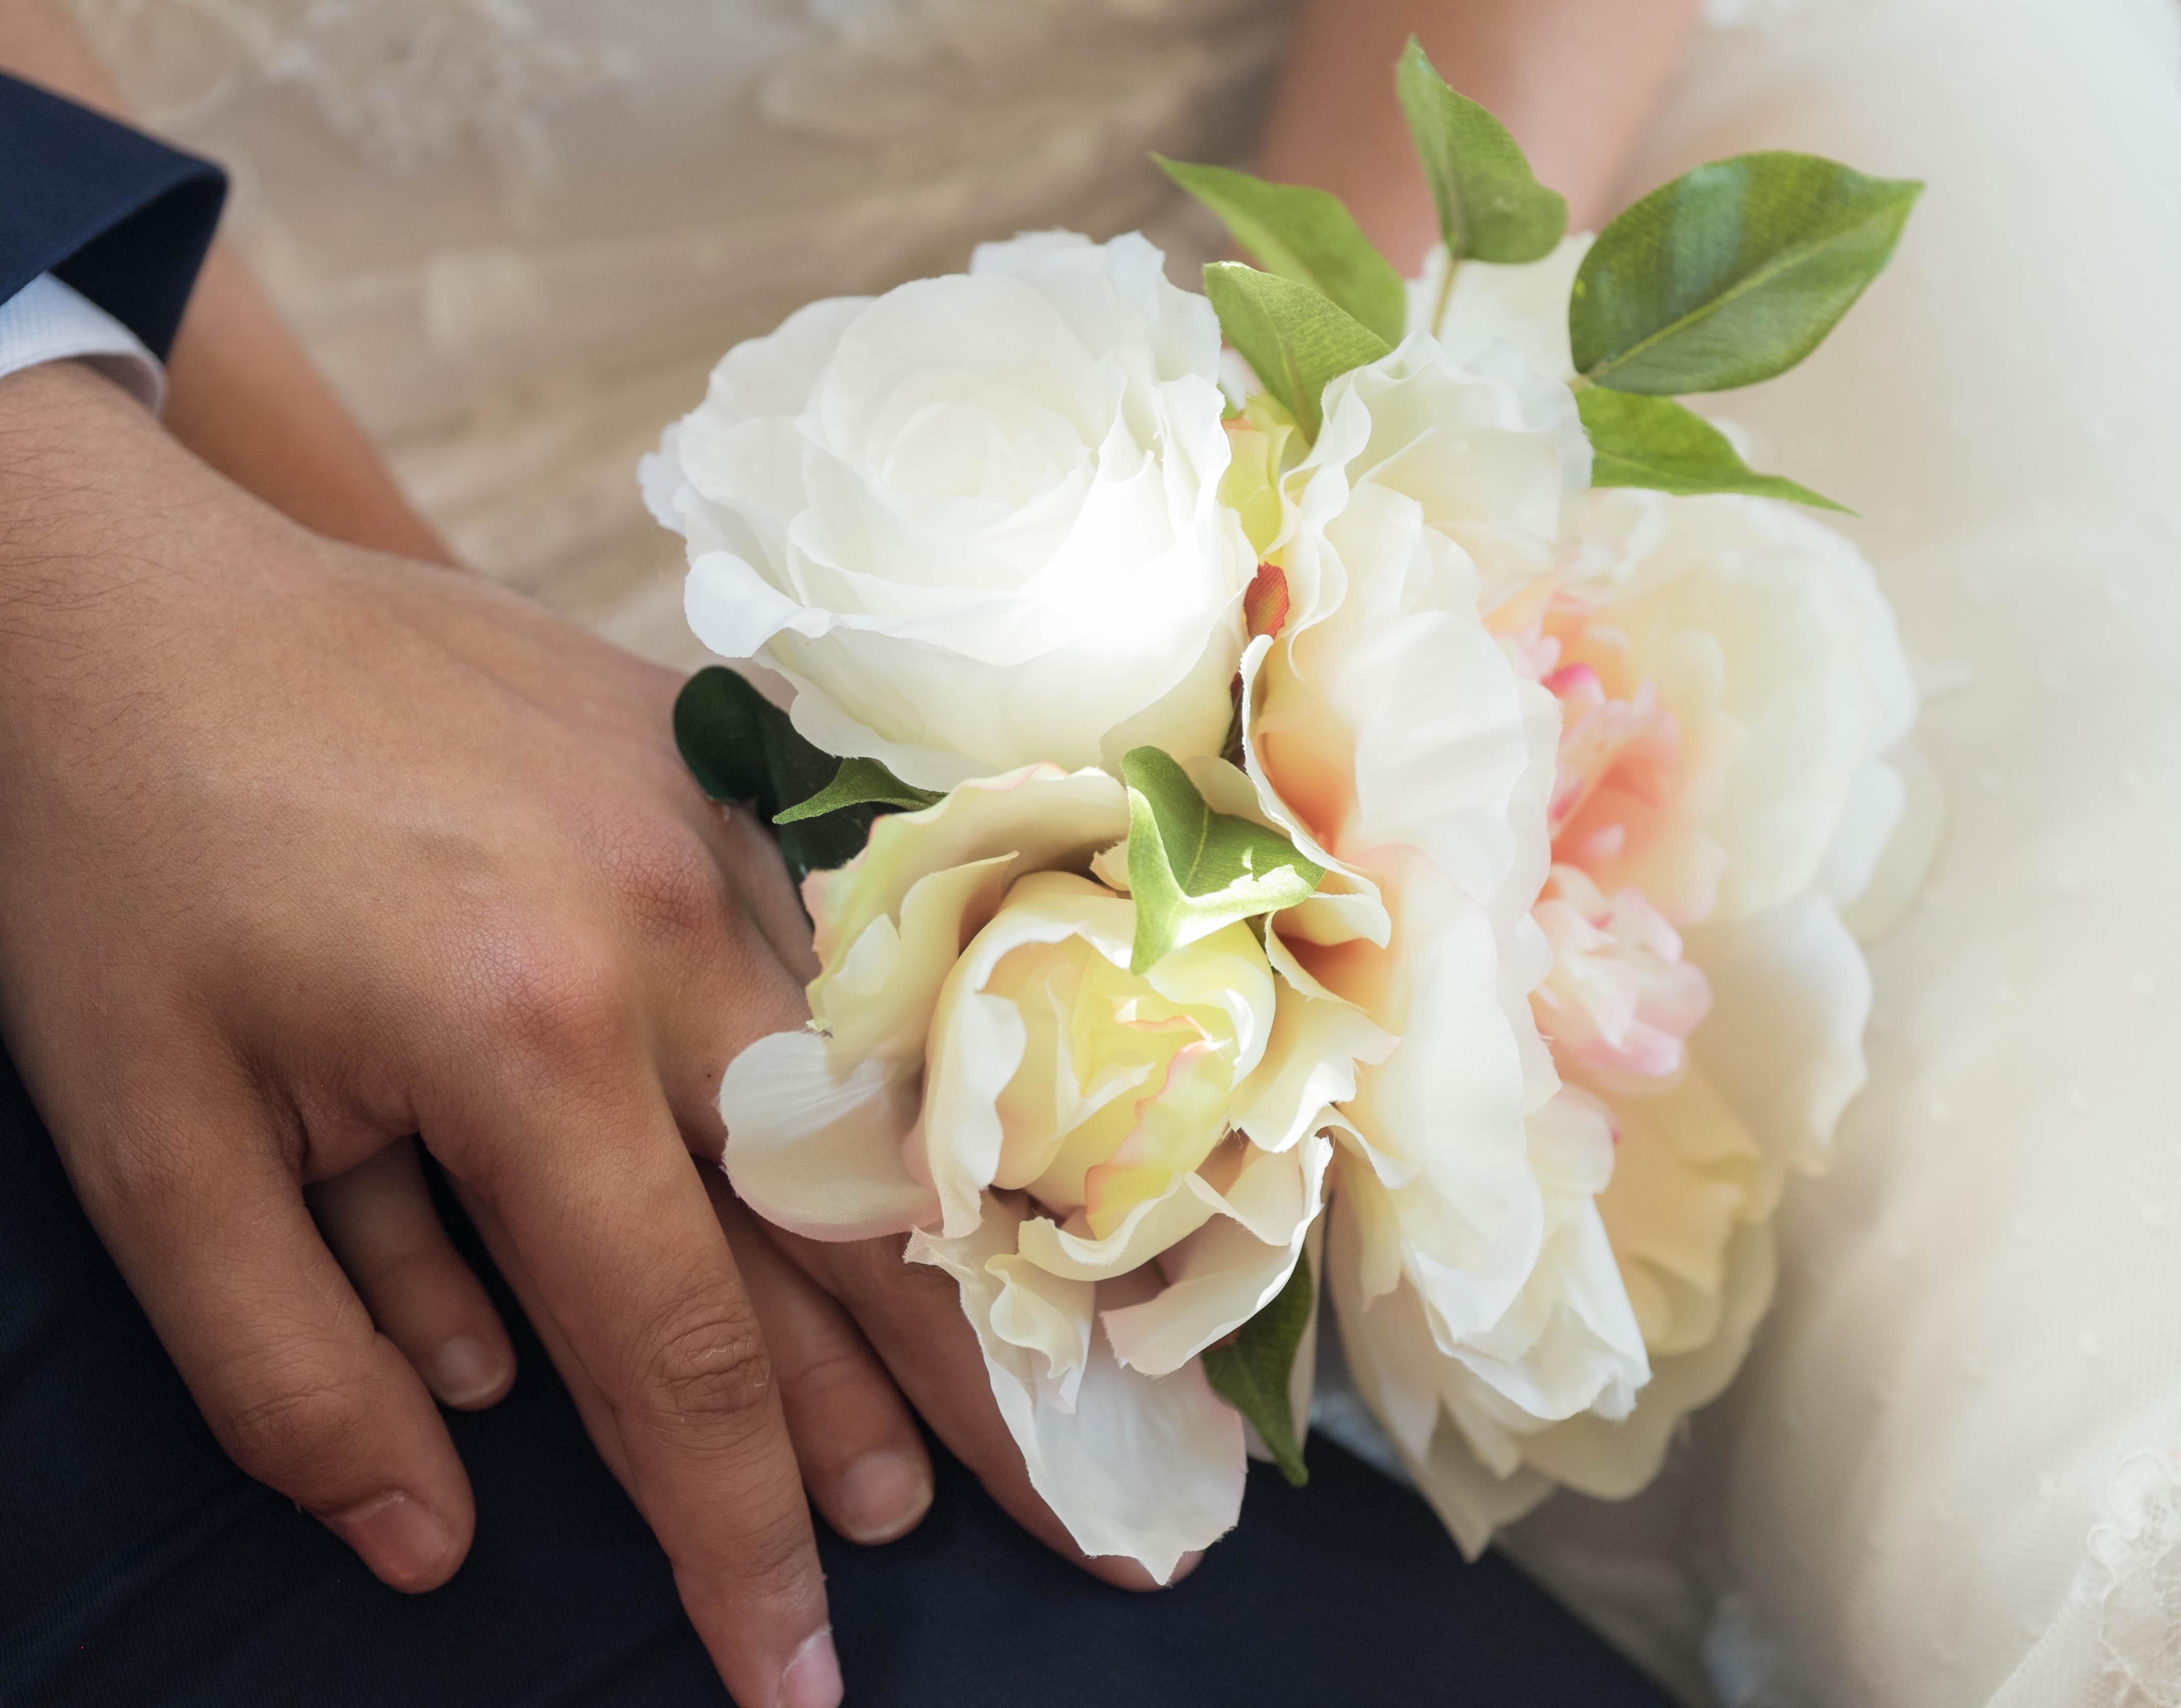 Silk Flowers Elliott Eliza Photography Sophia's Final Touch - Venue Styling - Weddings